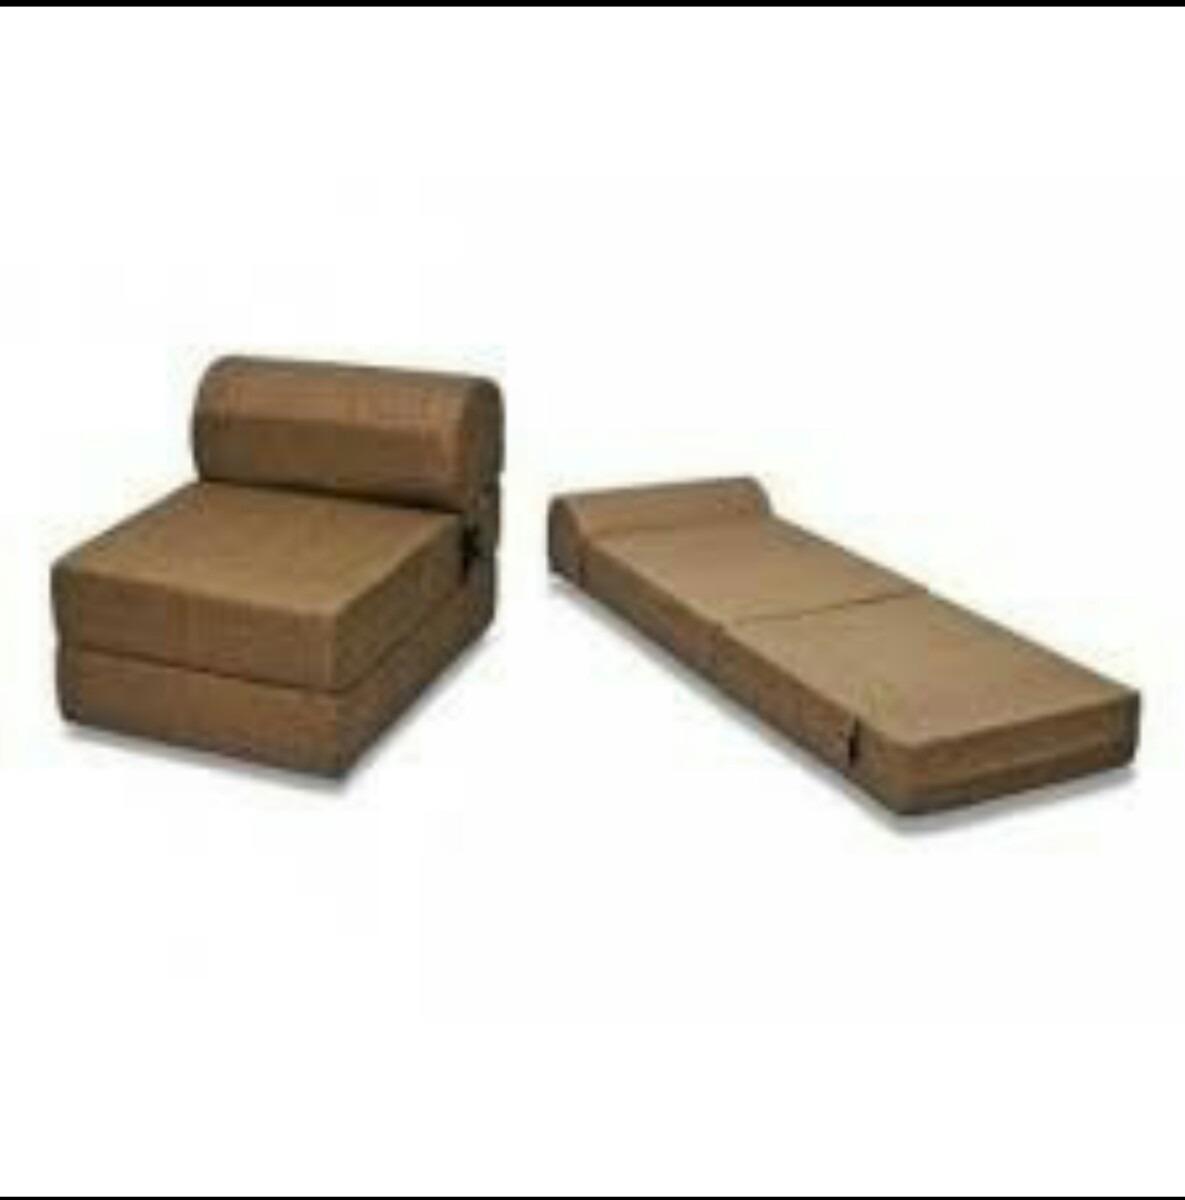 sofa cama mercado libre venezuela sectional leather sofas with chaise paradise bs 455 00 en